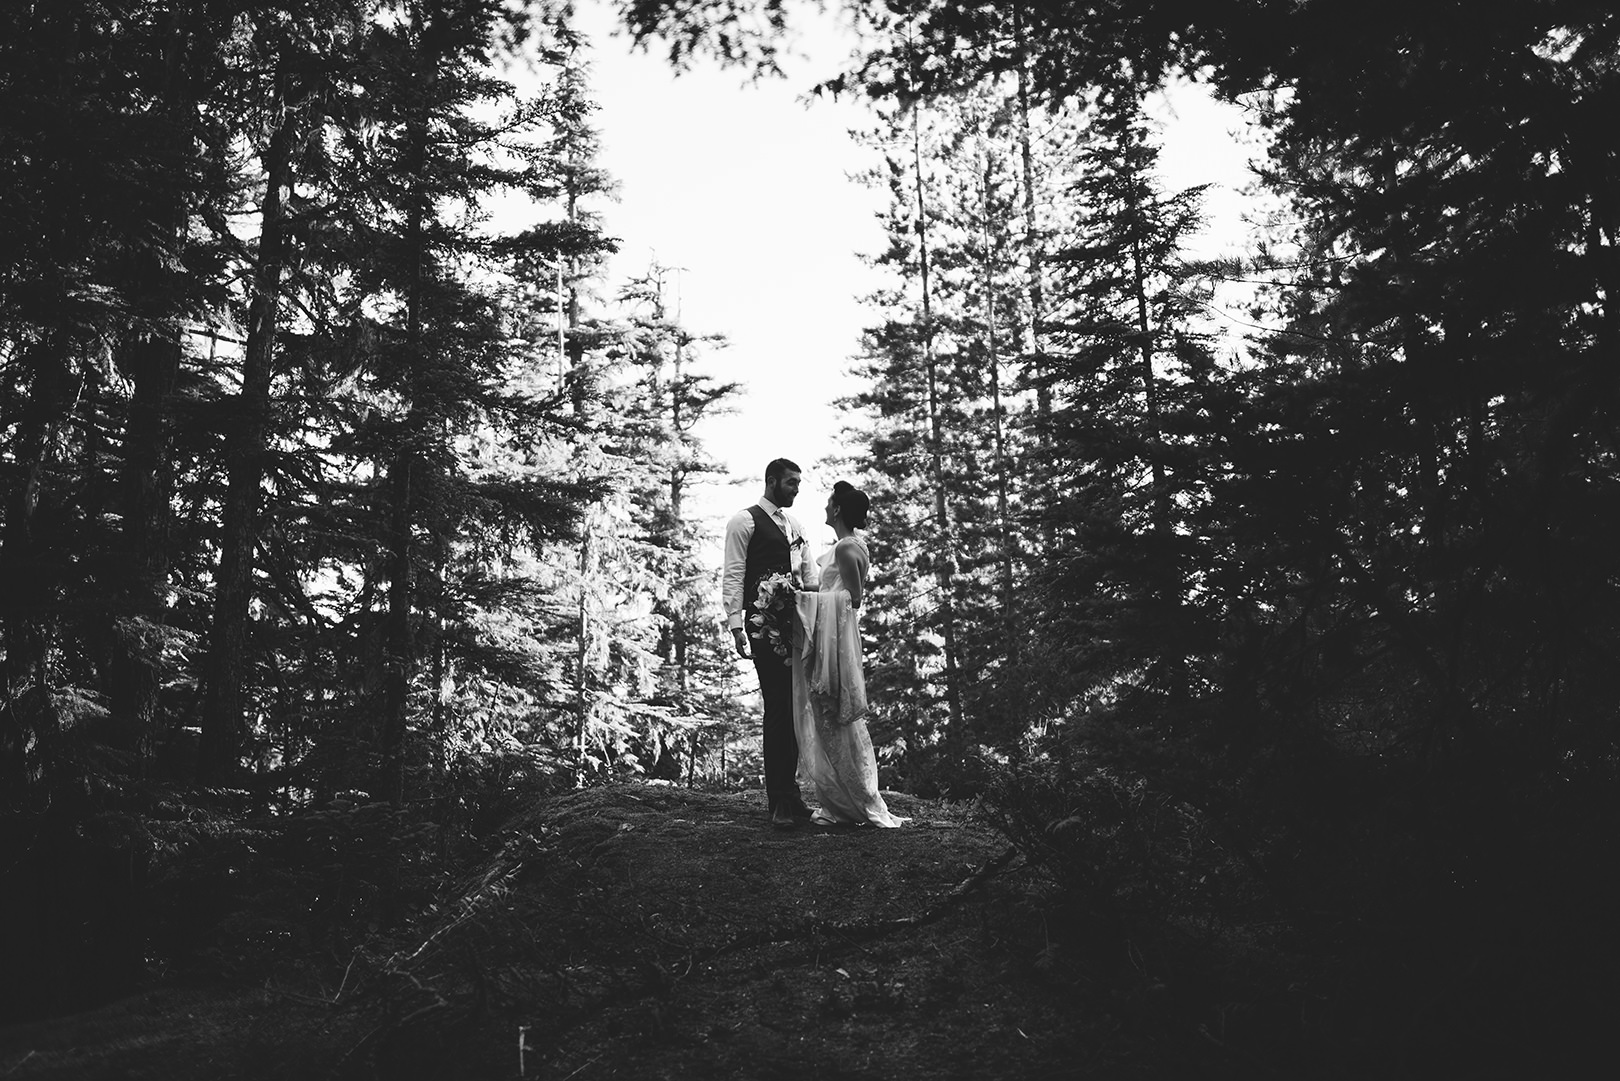 Squamish wedding photographers